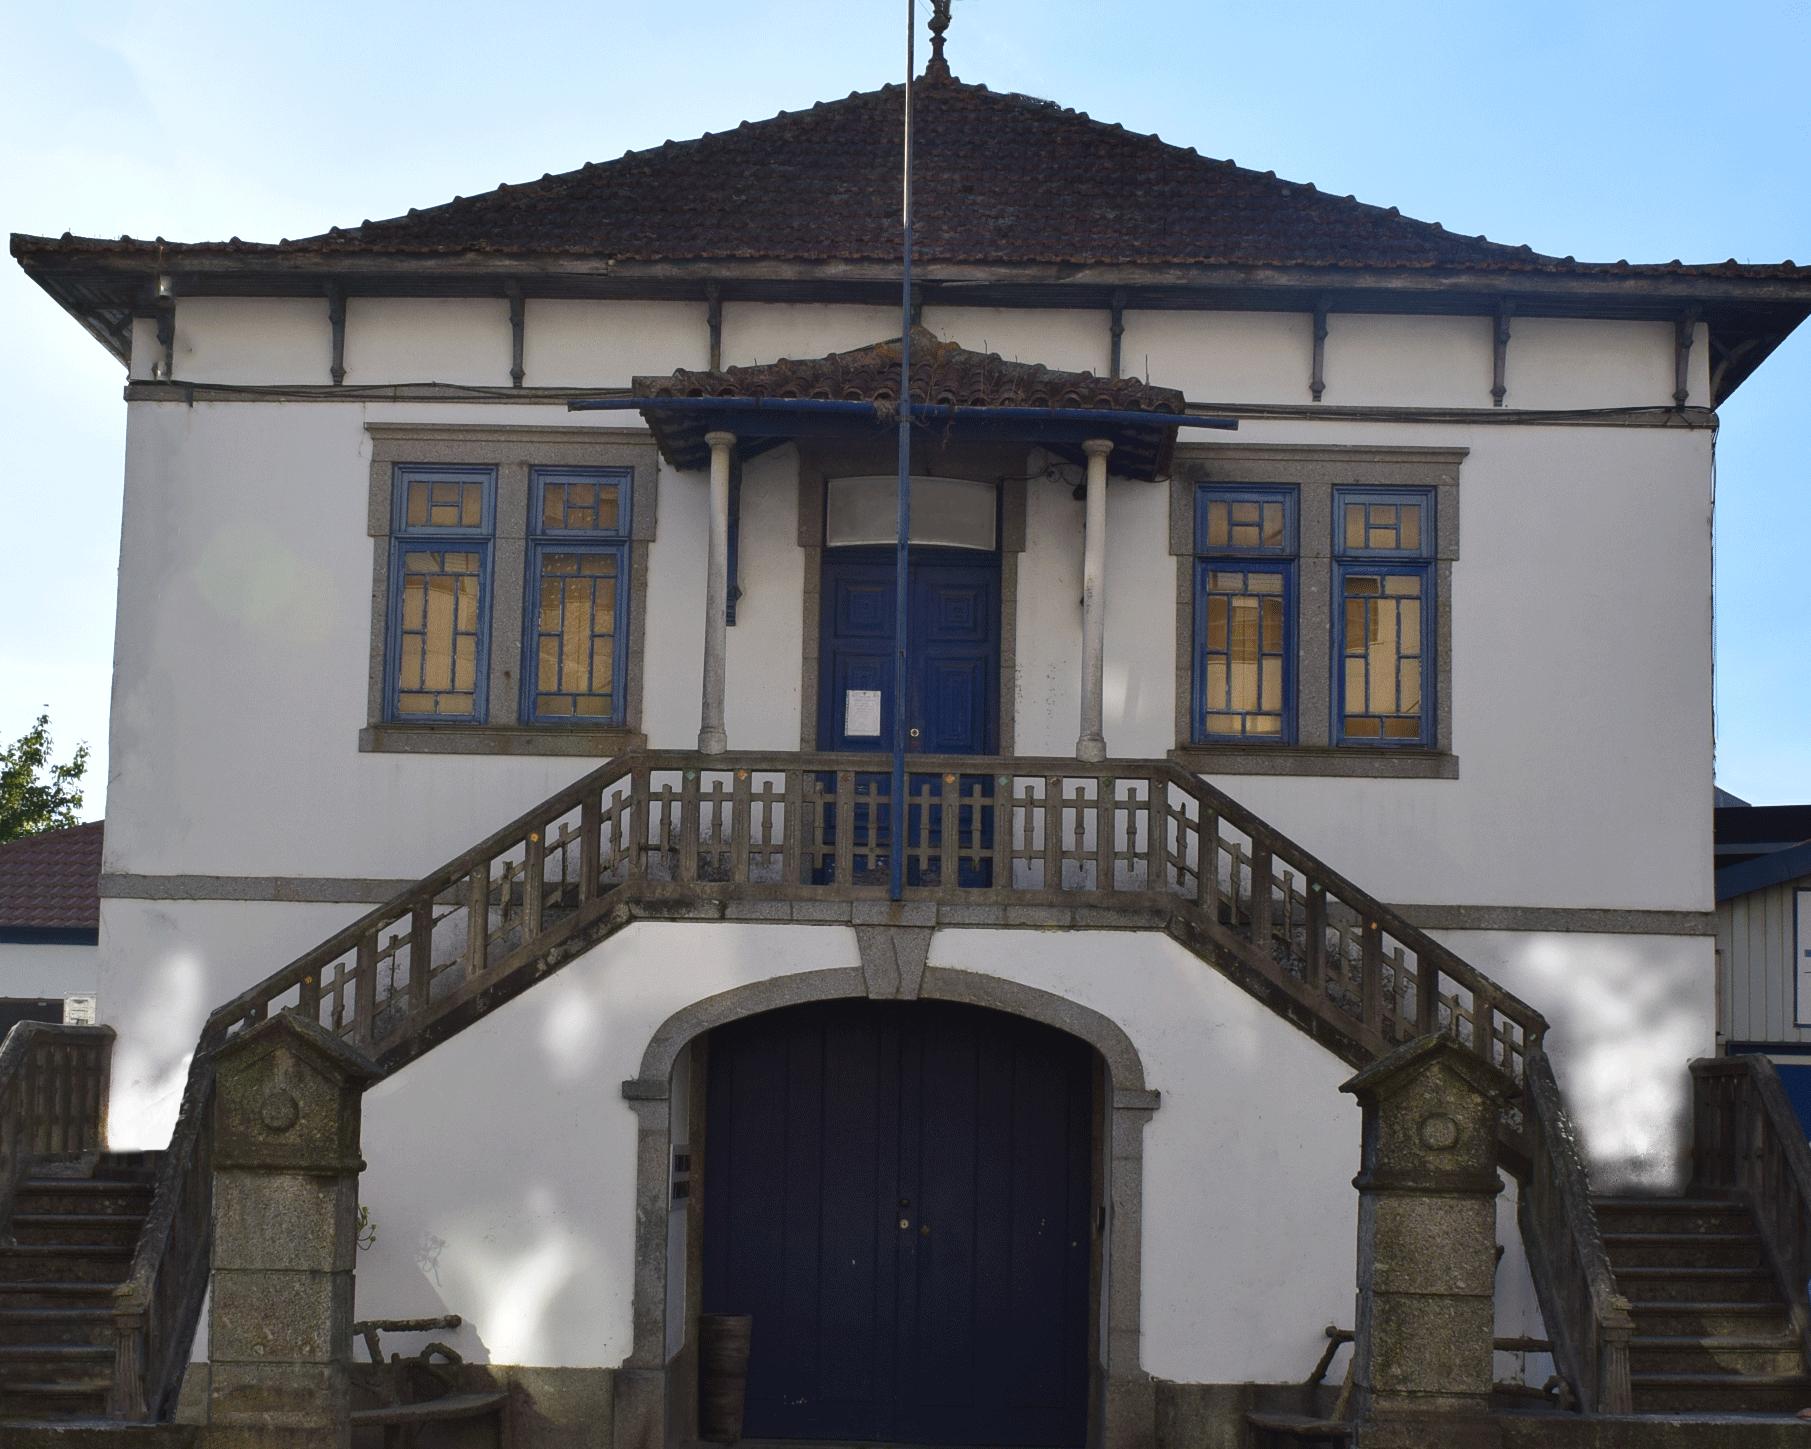 fachada-editada-6